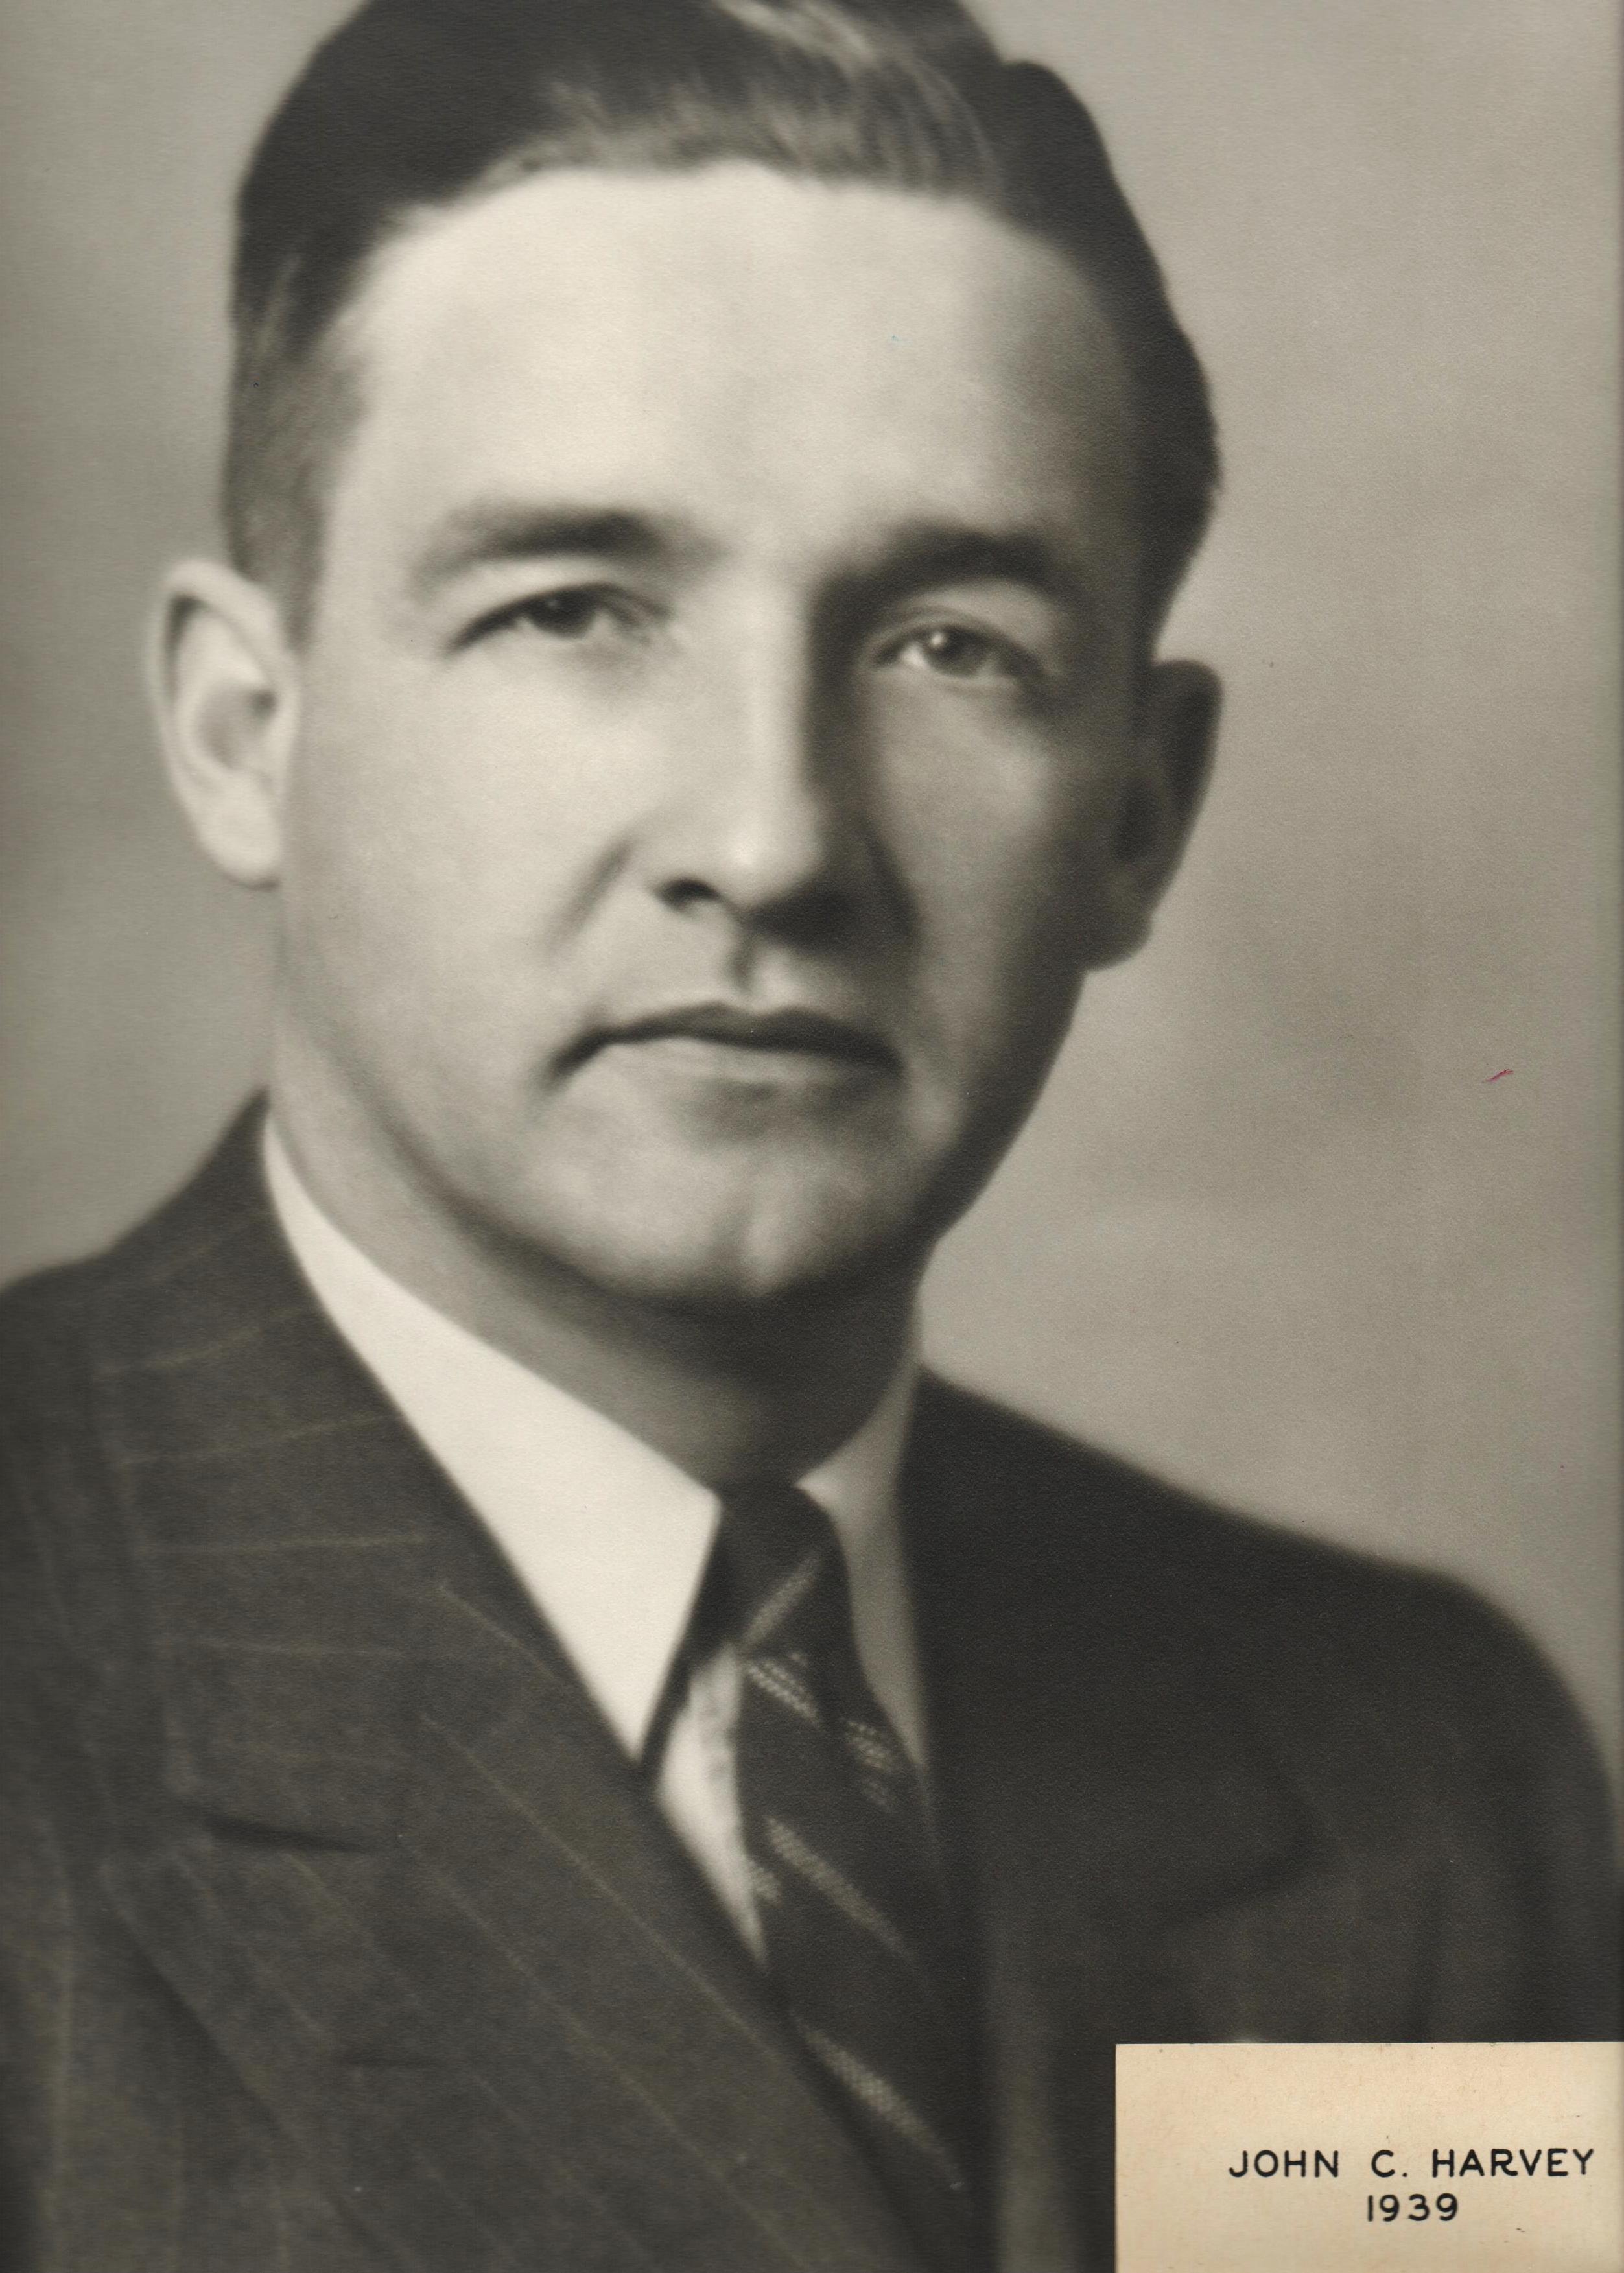 1939 John C. Harvey